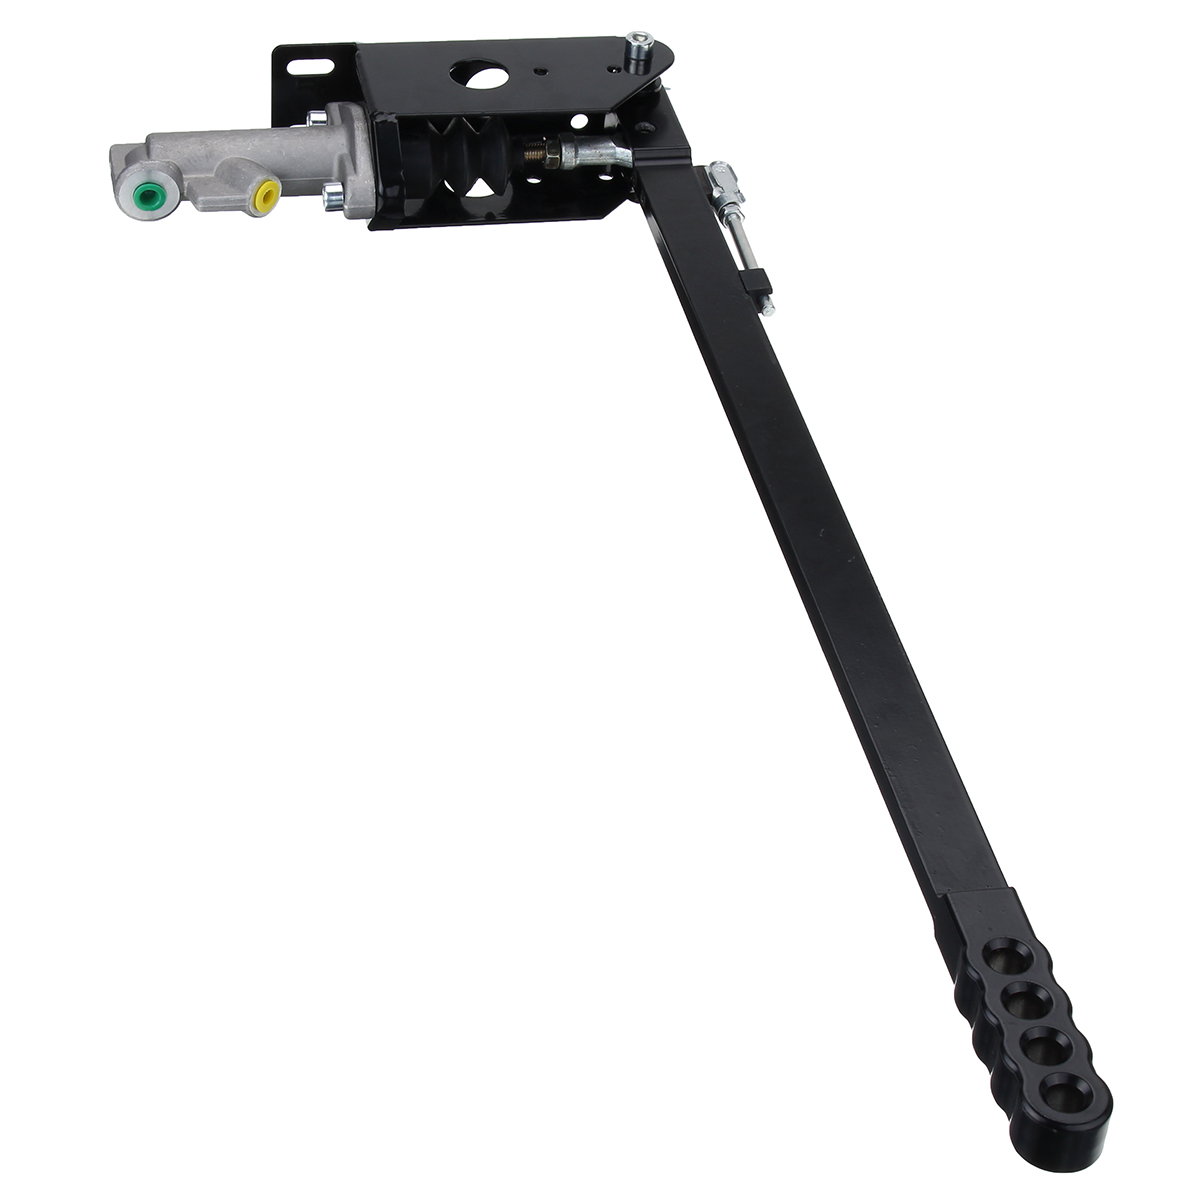 63 см Универсальный длинный вертикальный гидравлический ручной тормоз гидро е-тормоз Дрифт Гонки ручной тормоз